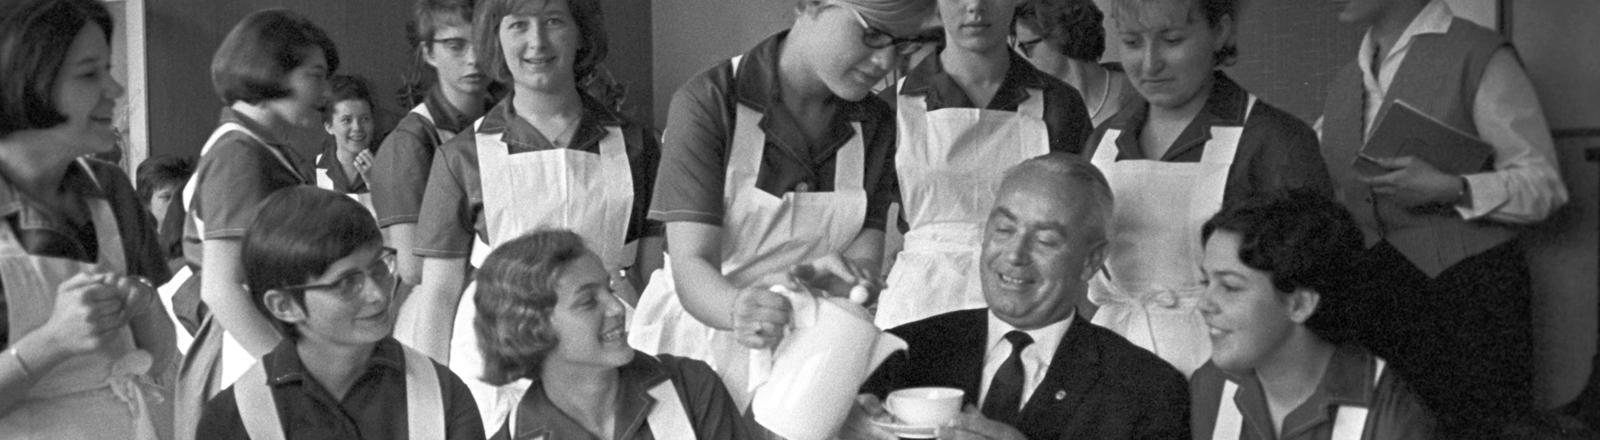 Bundesfamilienminister Heck besucht 1965 eine Gruppen junger Frauen, die sich für das freiwillige soziale Jahr entschieden haben.